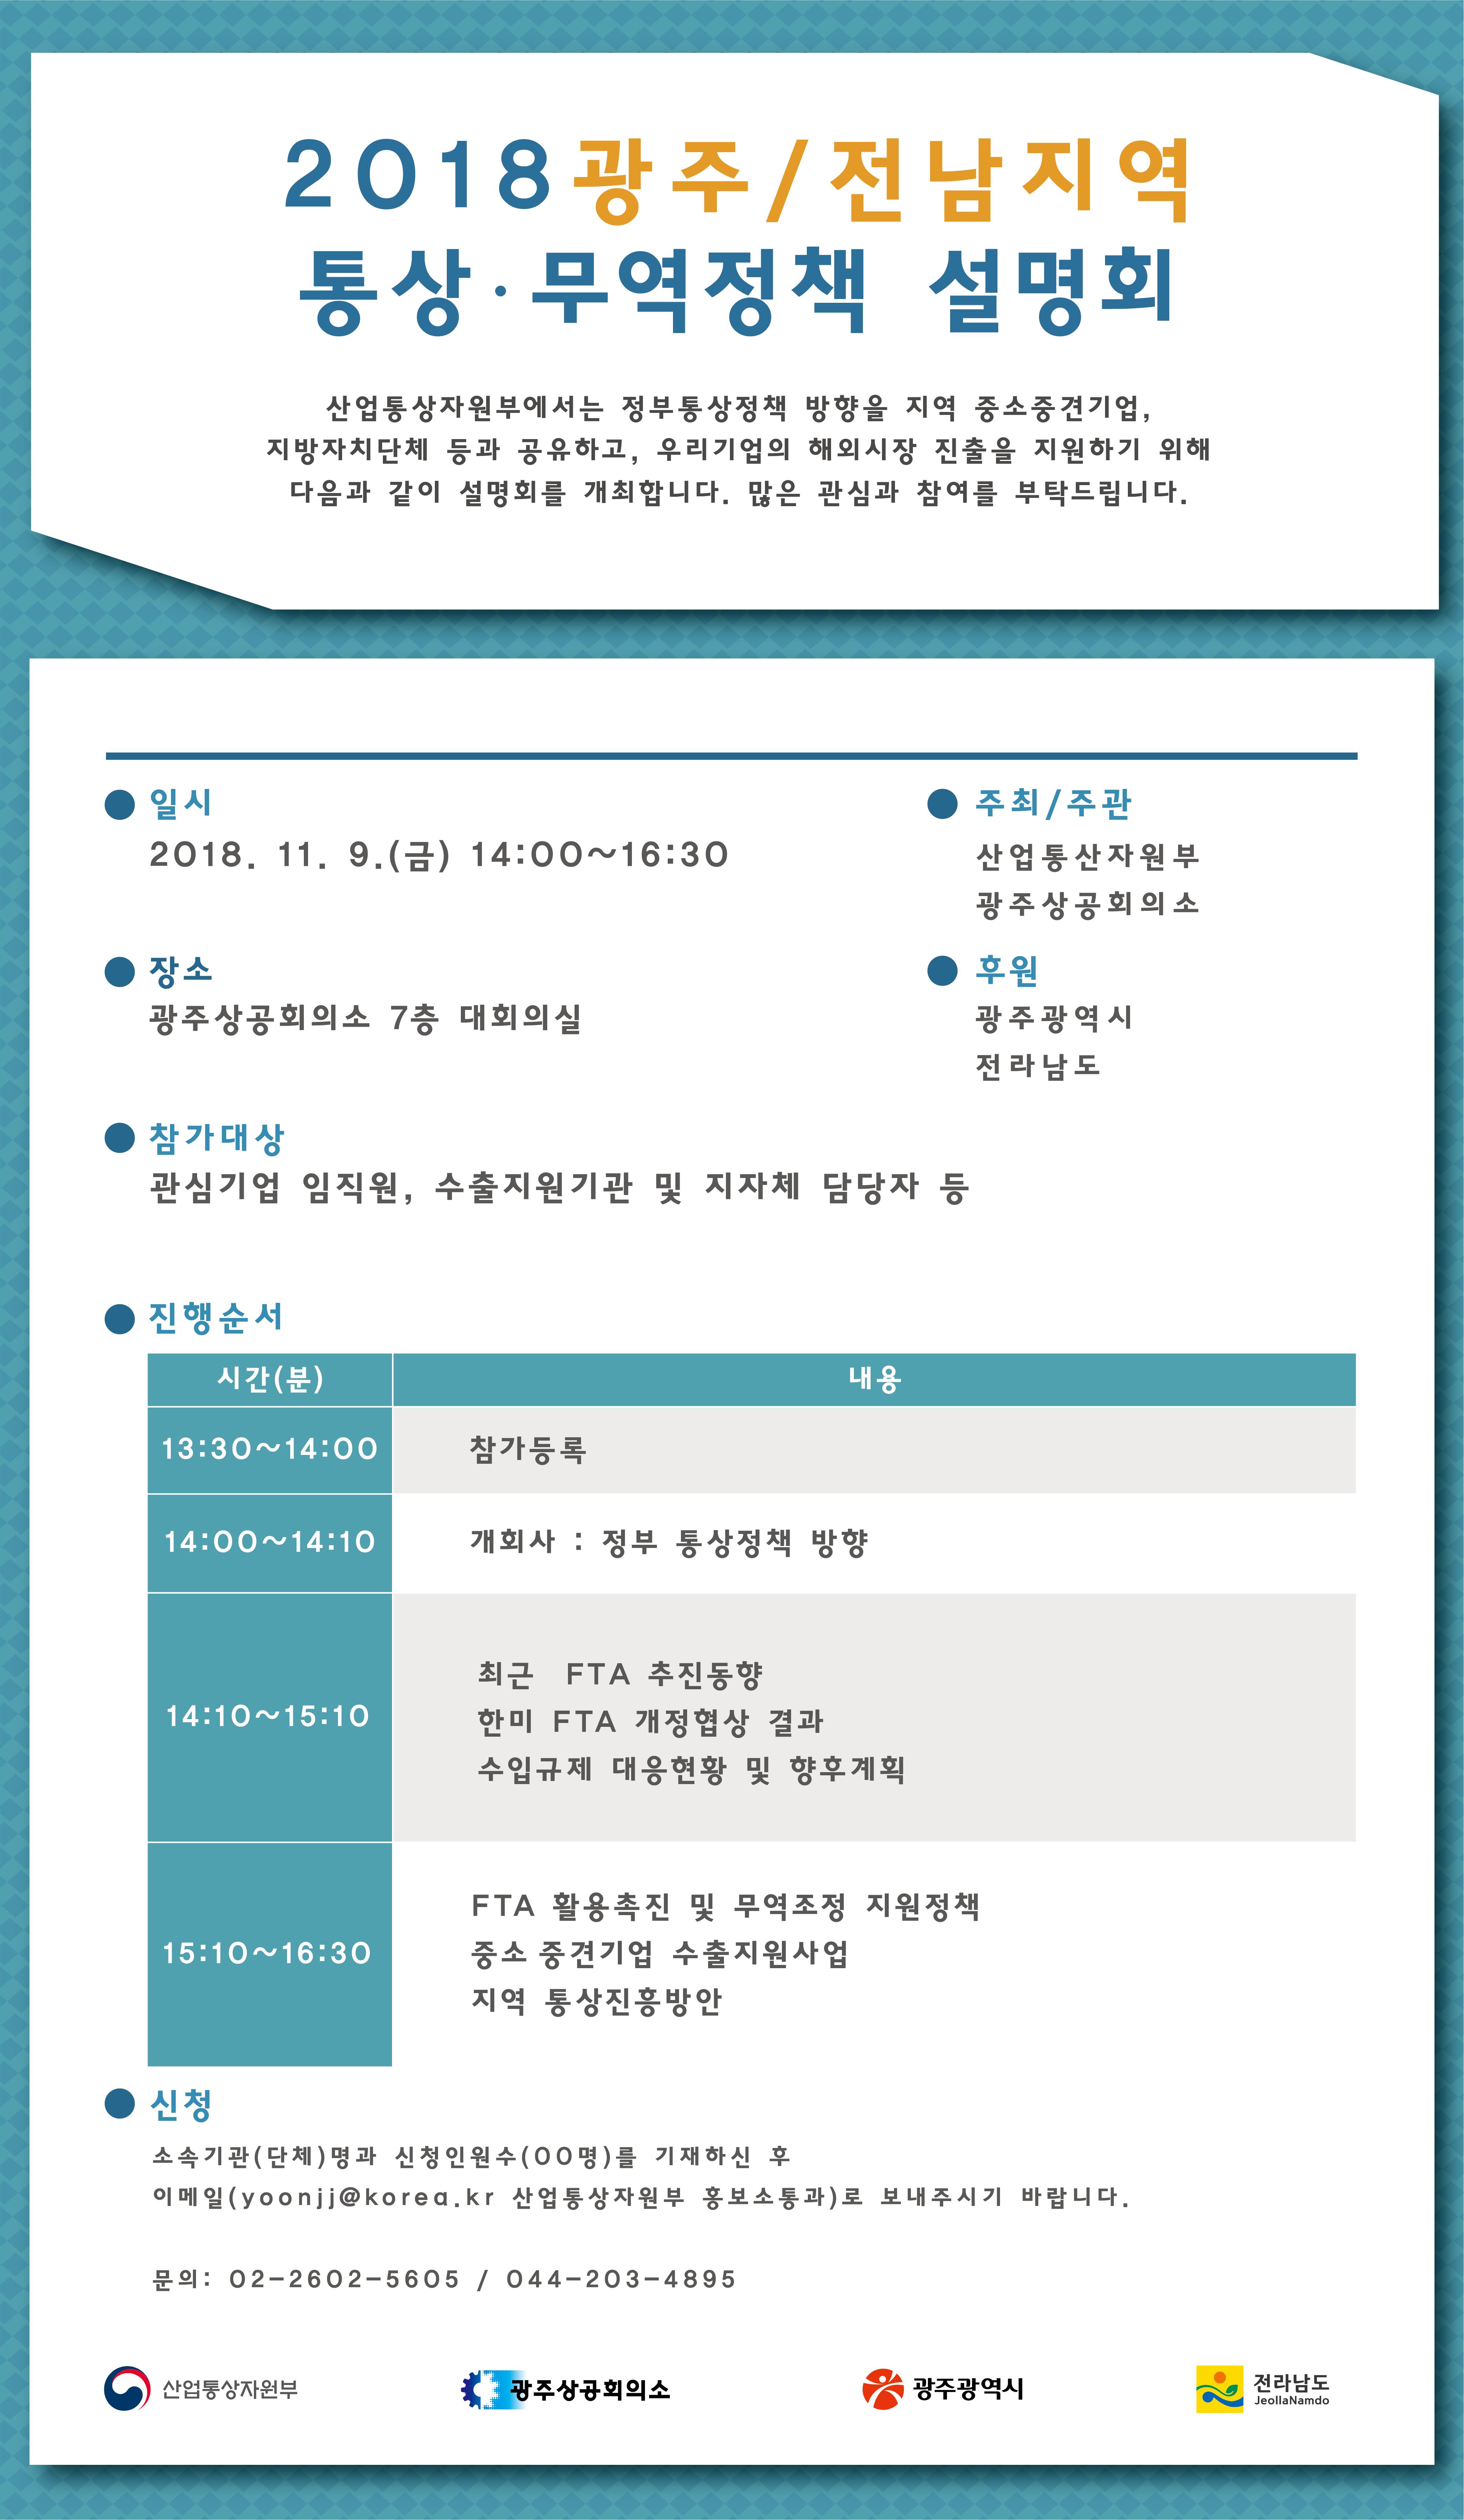 2018 광주전남 통상무역정책설명회 개최 안내문.png